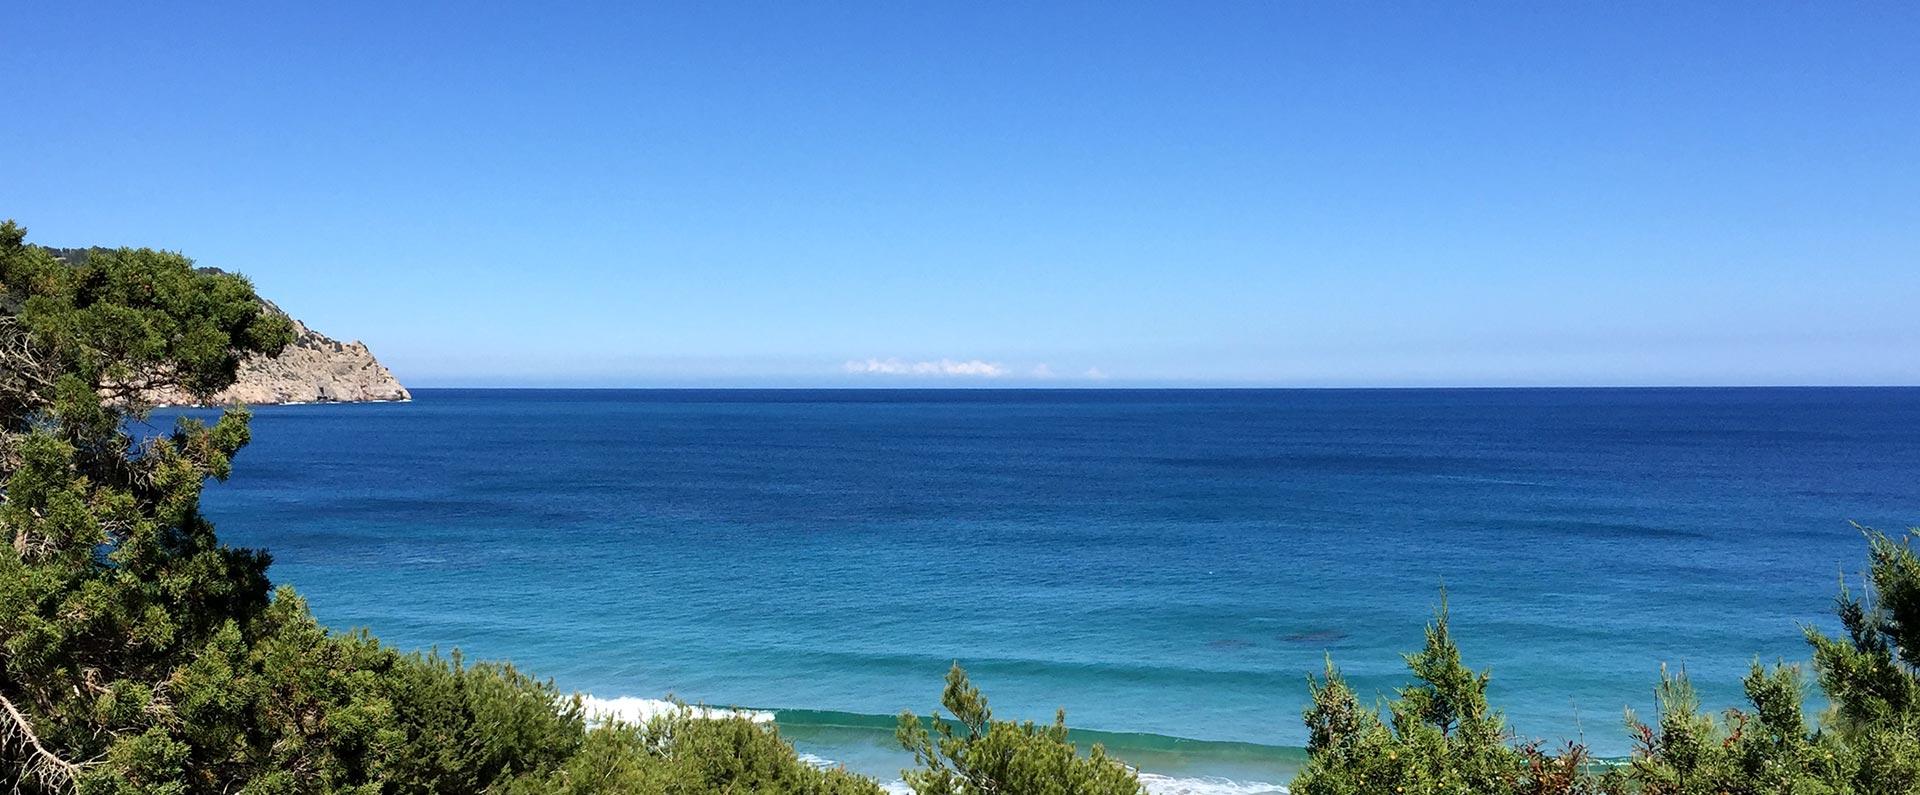 SUP-Ibiza-weer-een-baai